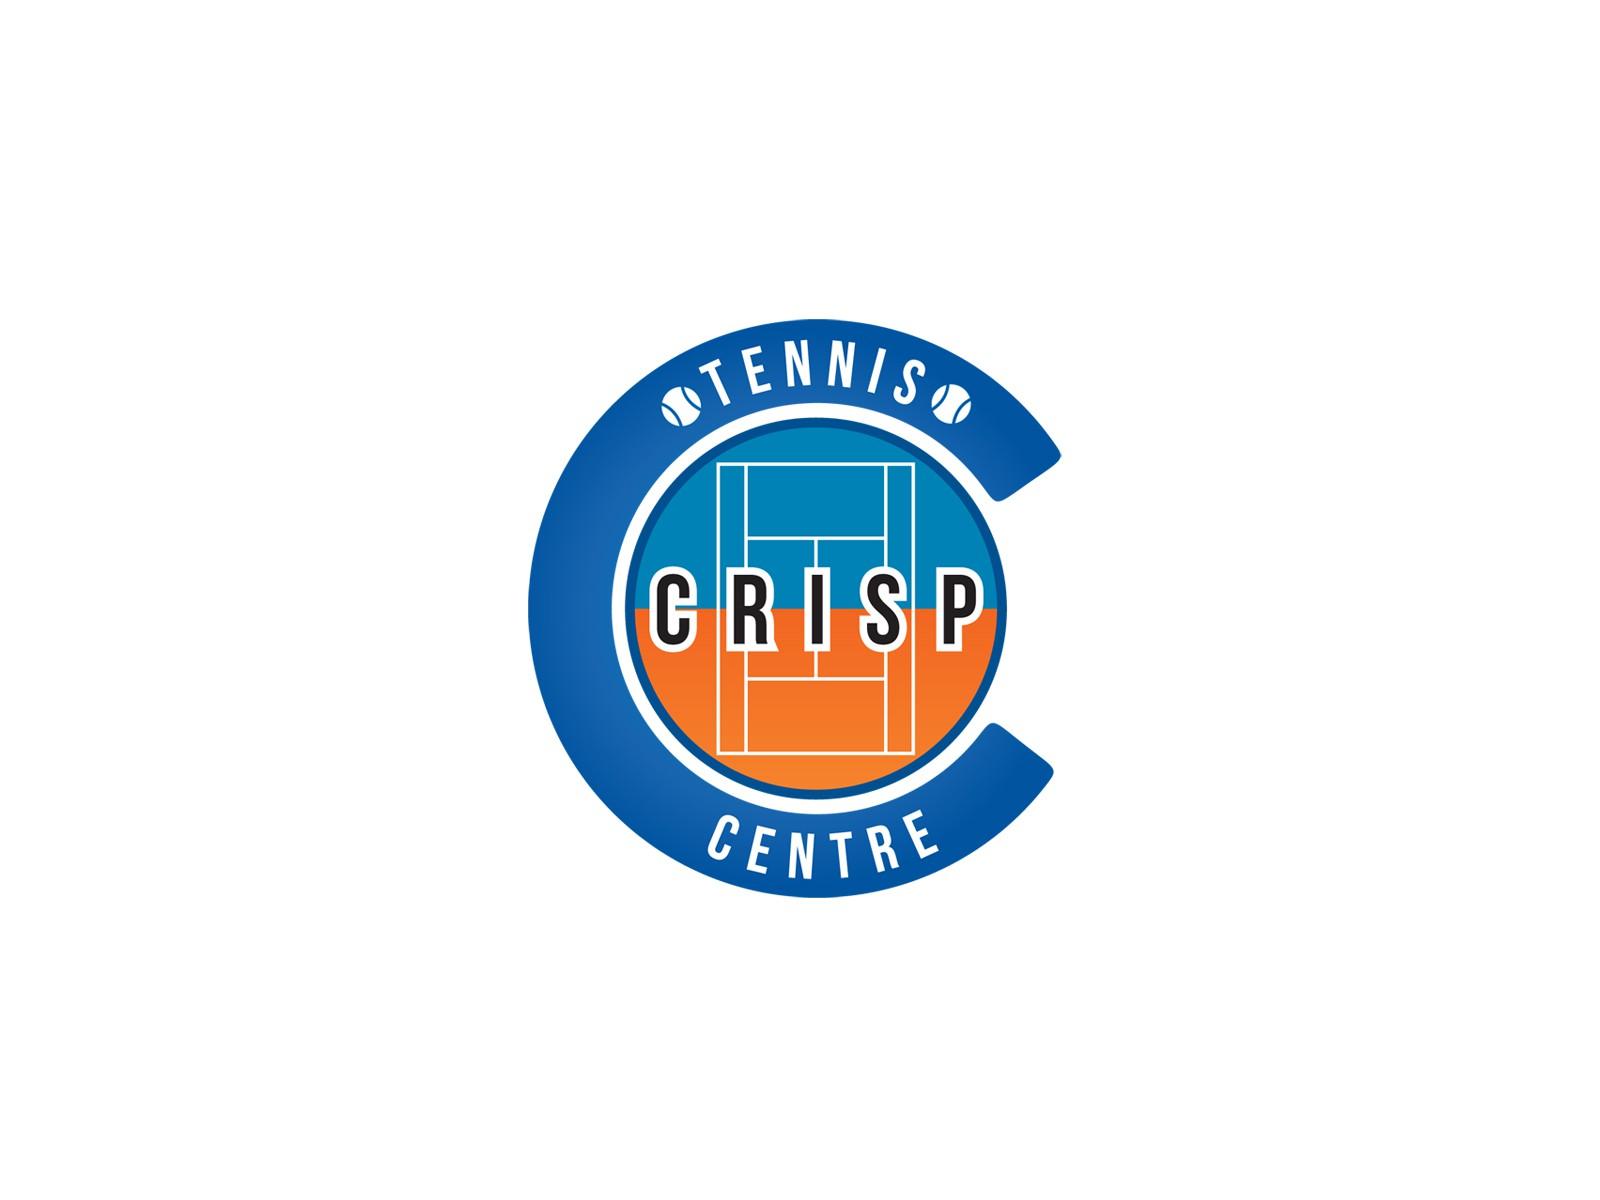 Create the next logo for Crisp Tennis Centre